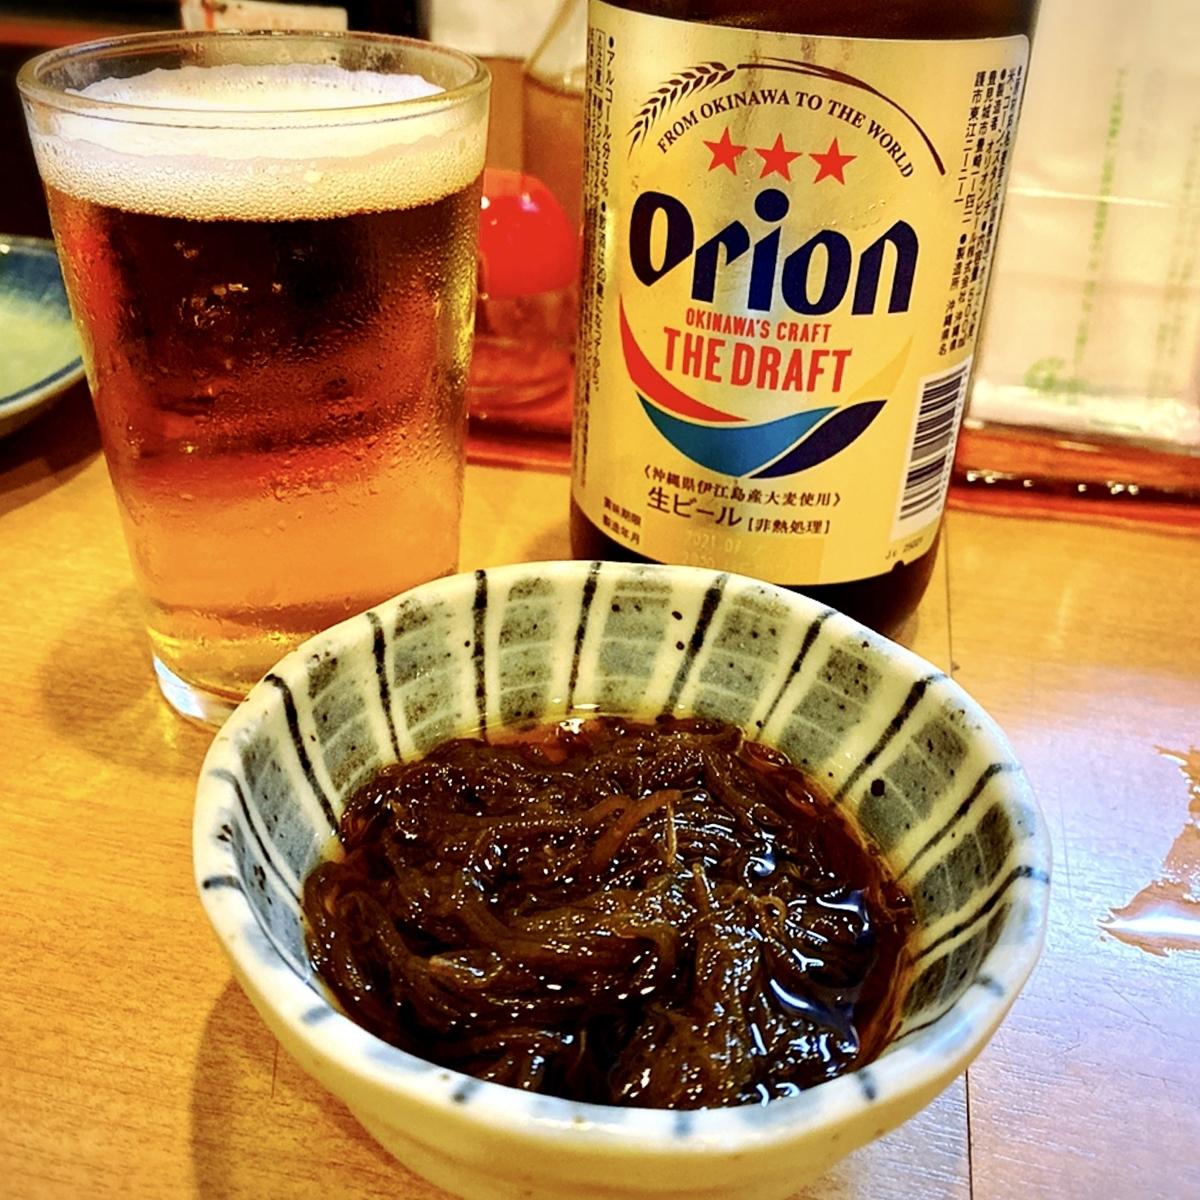 「ちゅらさん亭」は沖縄で沖縄料理を堪能したいすべての方におすすめできる居酒屋でした